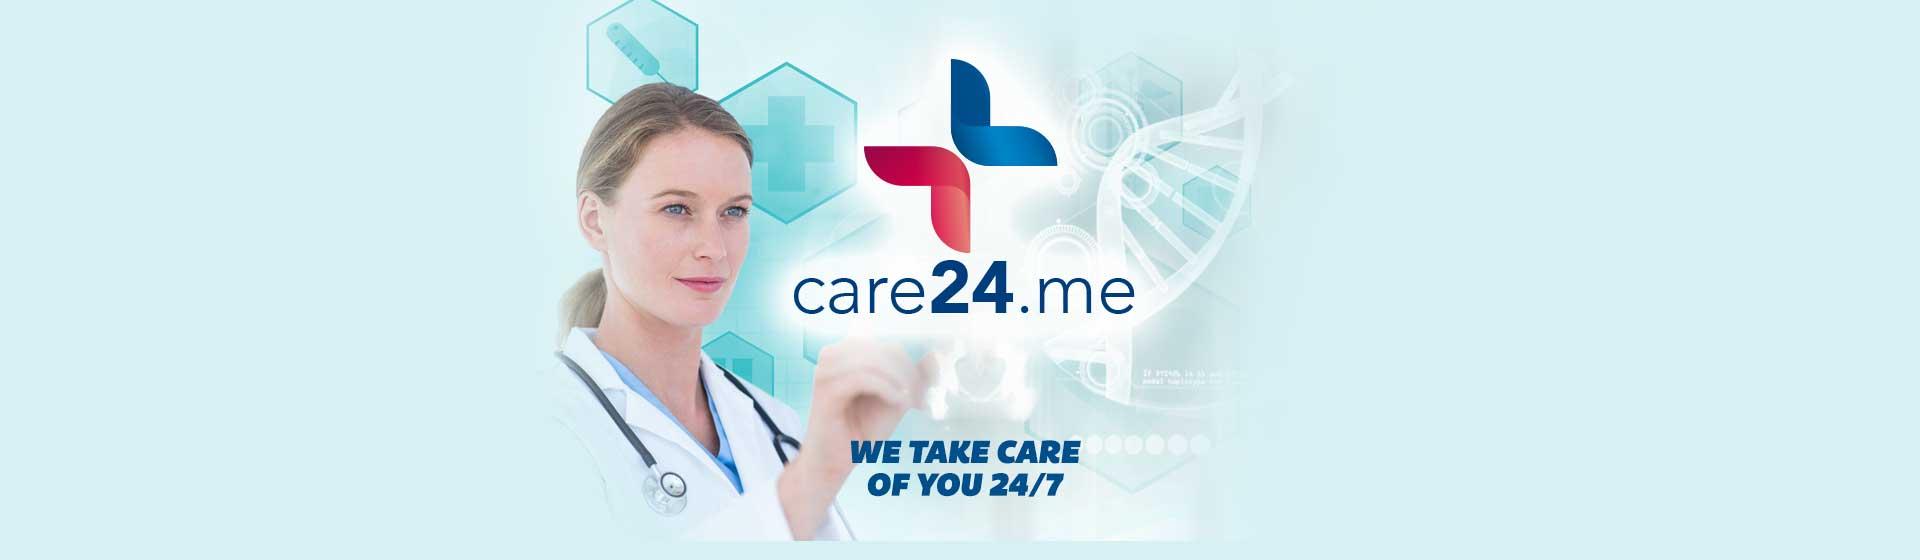 care24.com brand logo